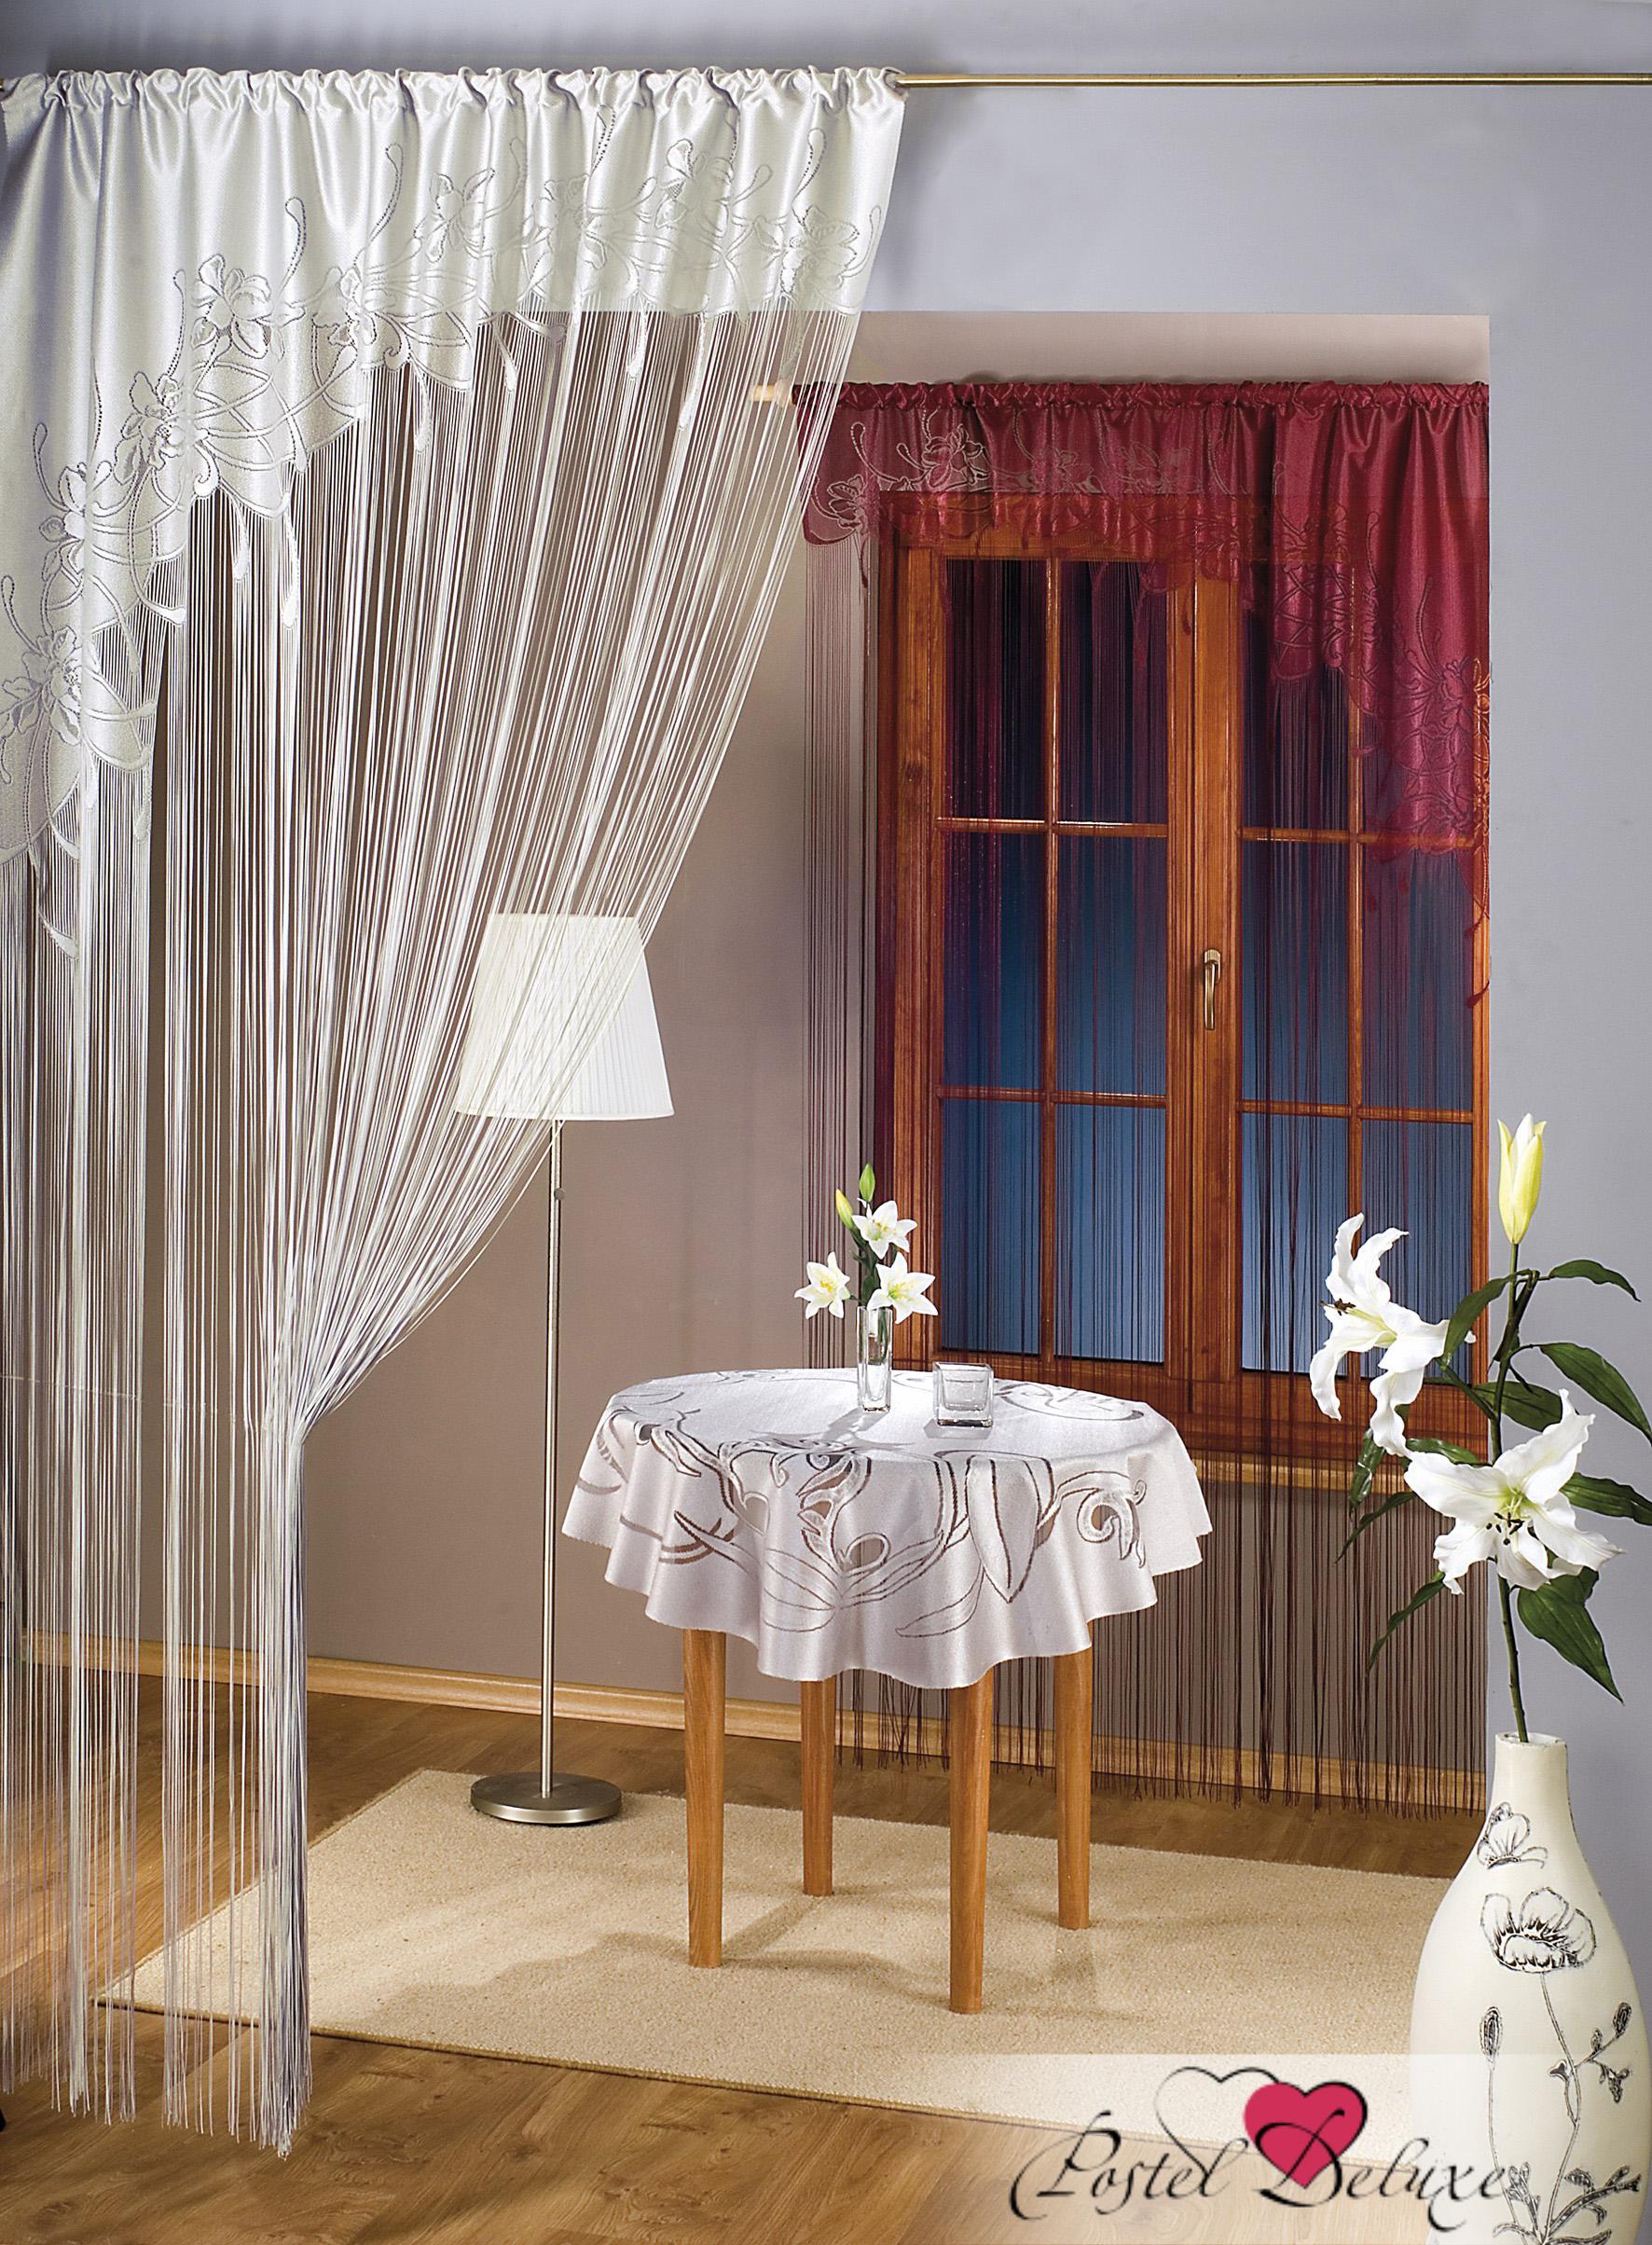 Шторы Wisan Классические шторыElisЦвет: Кремовый wisan wisan классические шторы melicent цвет кремовый